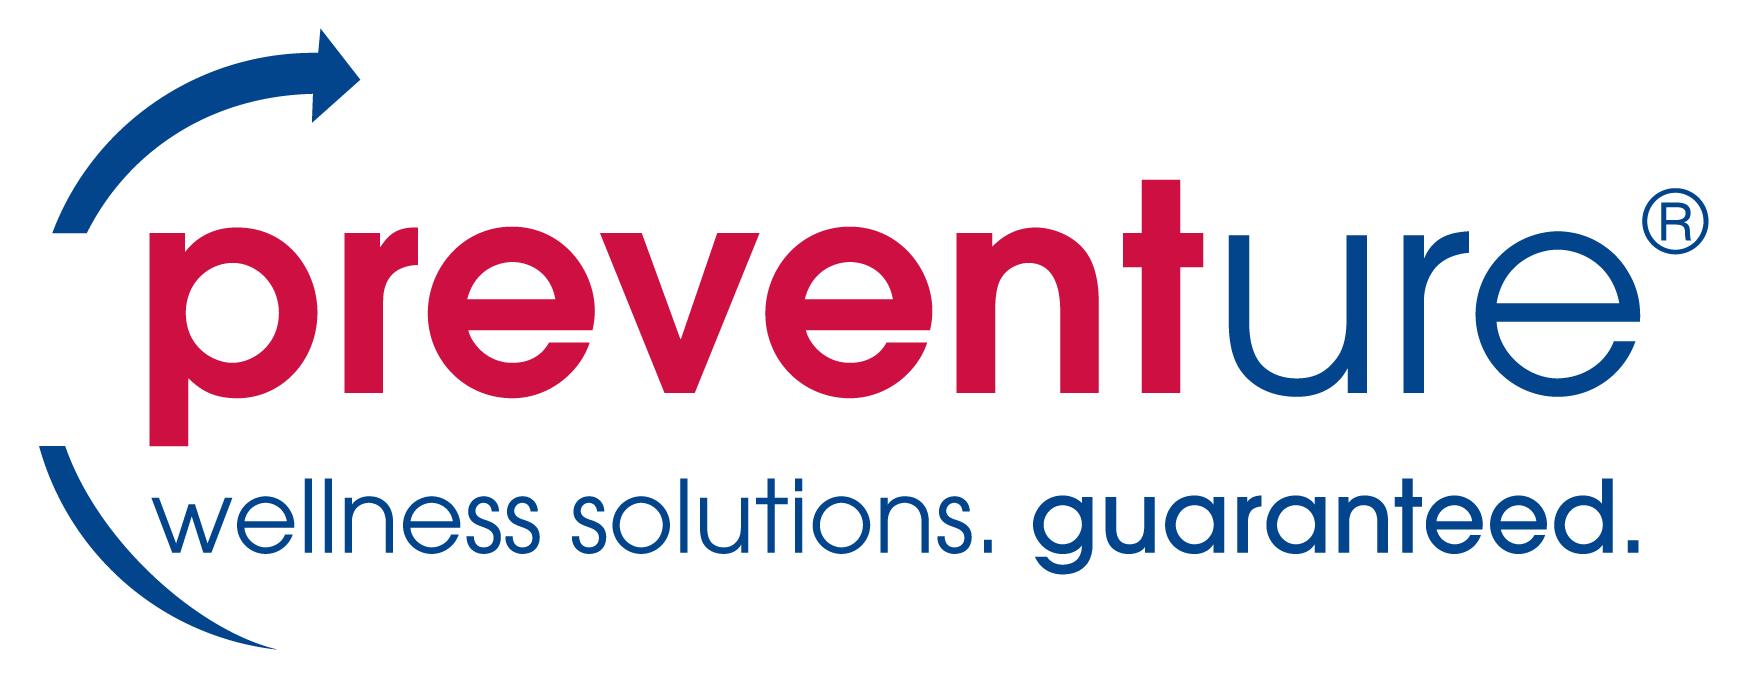 Preventure, Inc. Logo